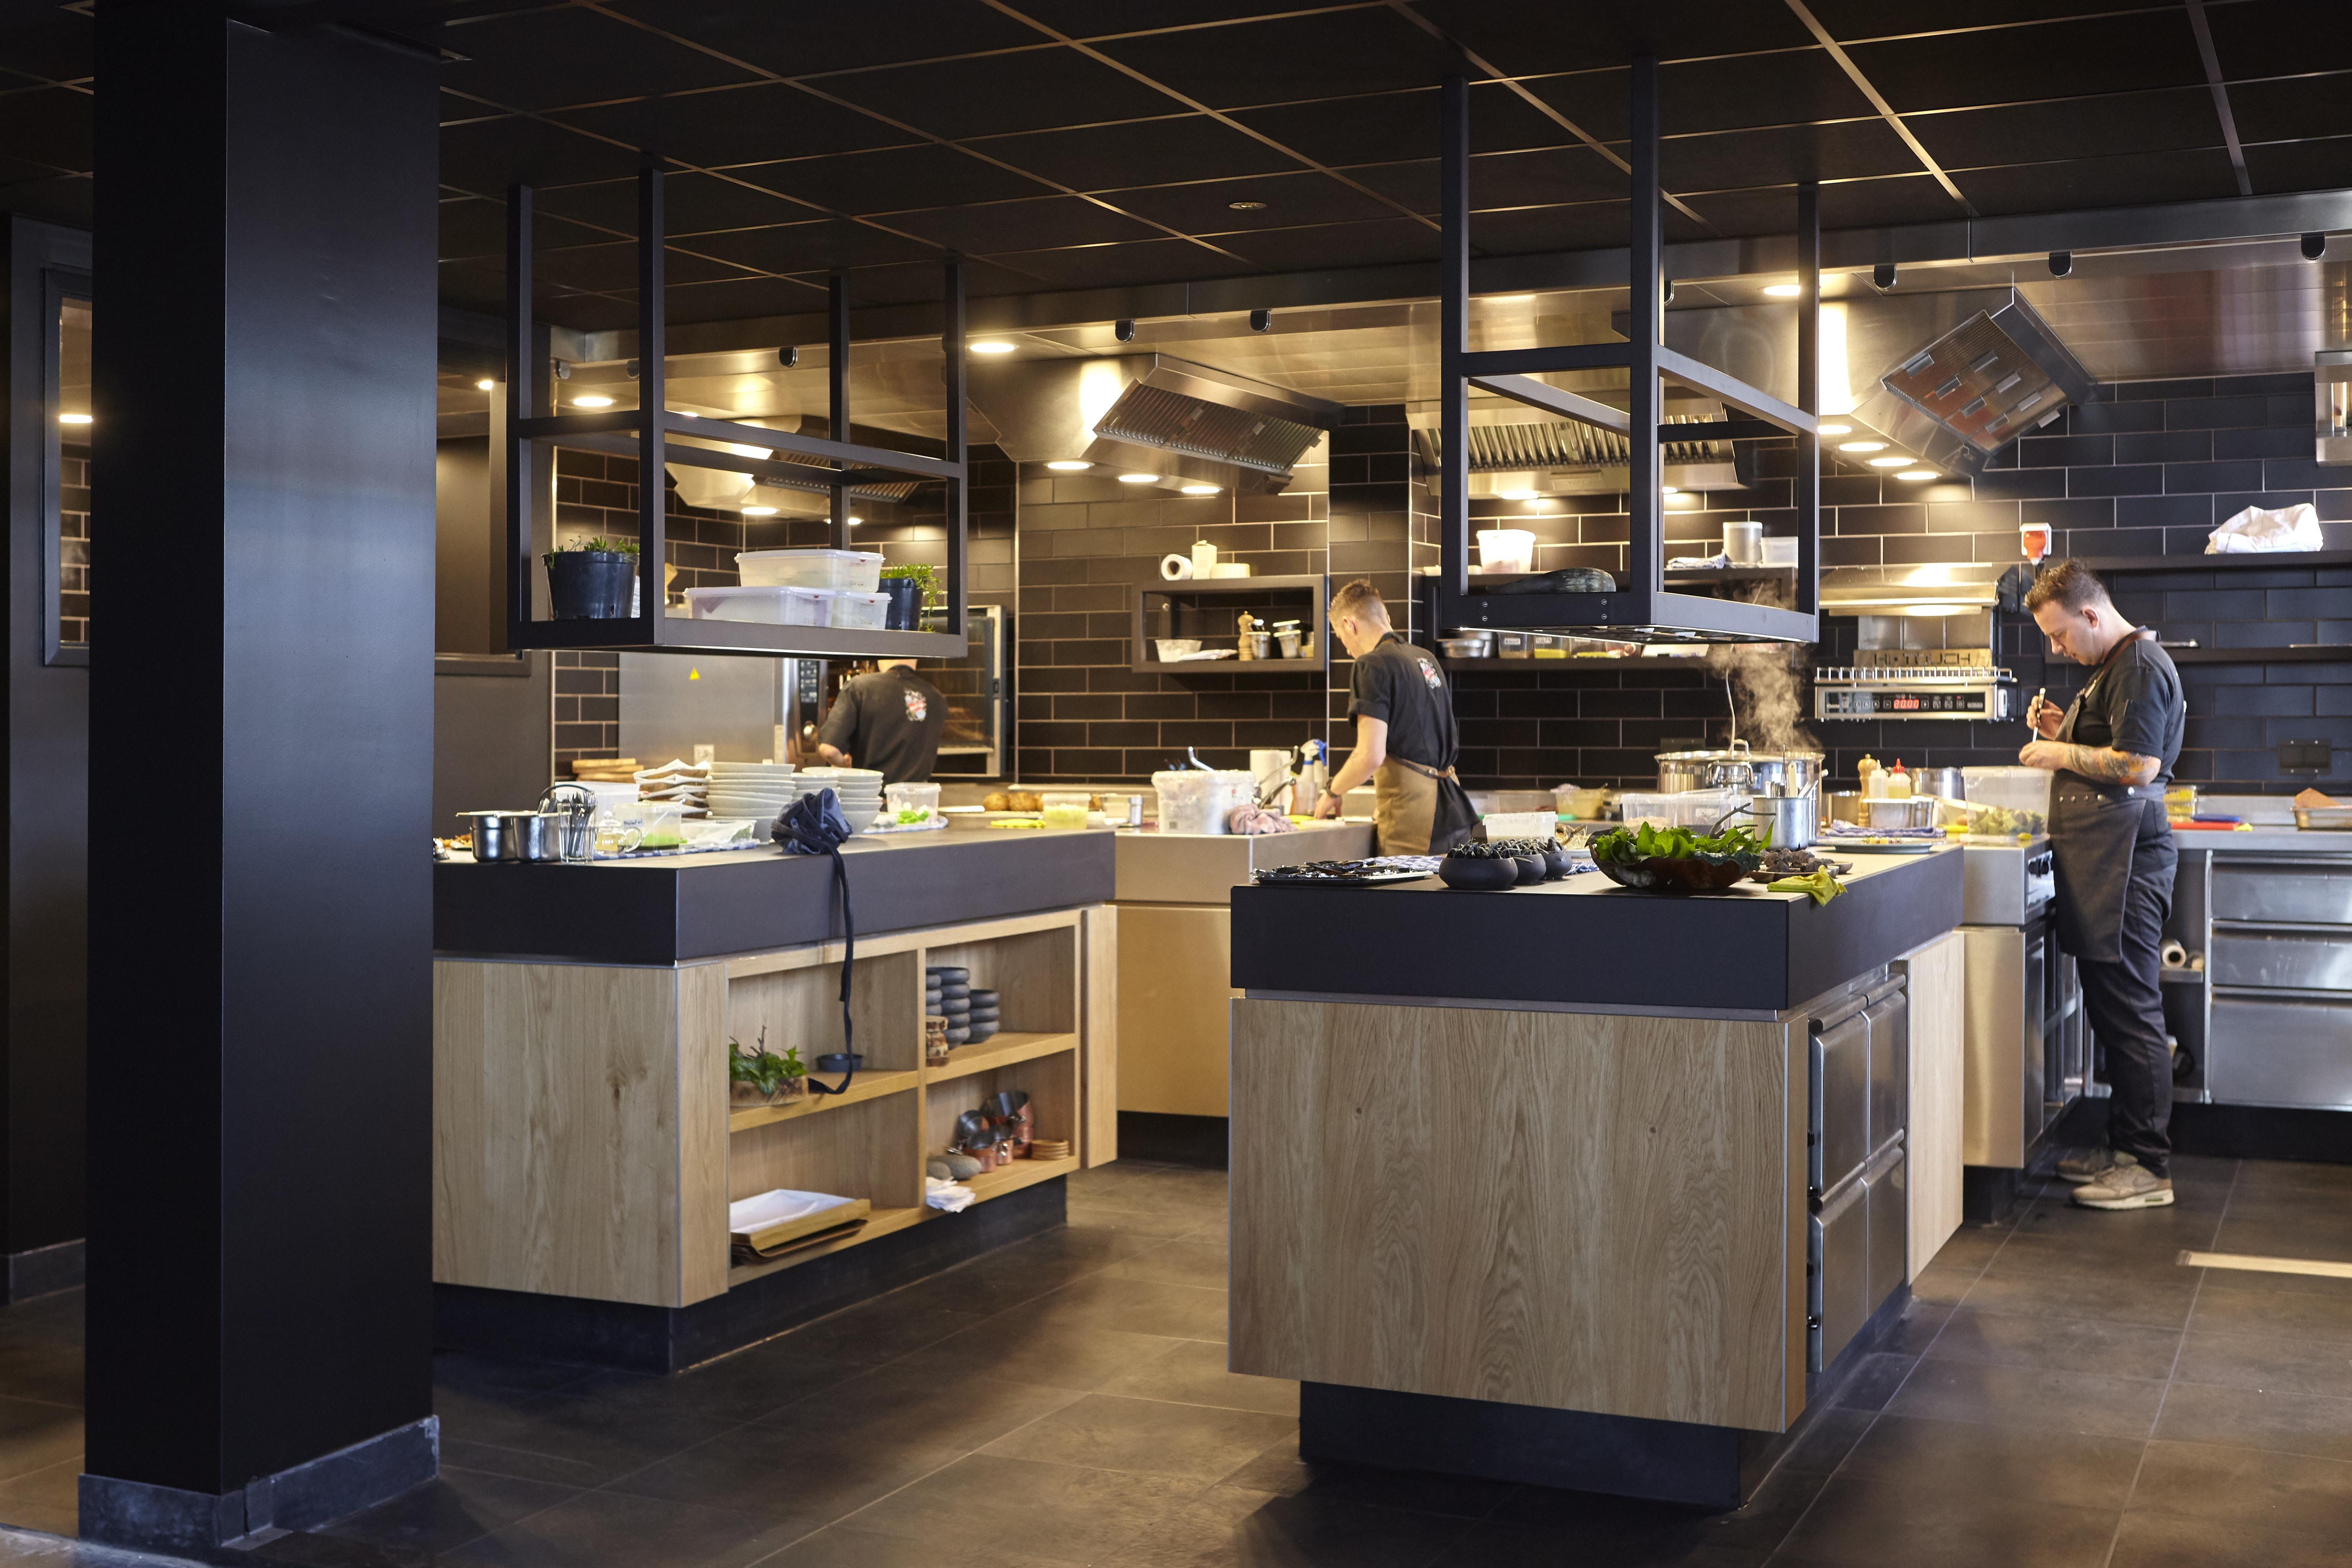 Keuken Van Thijs : Restaurant thijs meliefste in wolphaartsdijk : nieuwe horecakeuken